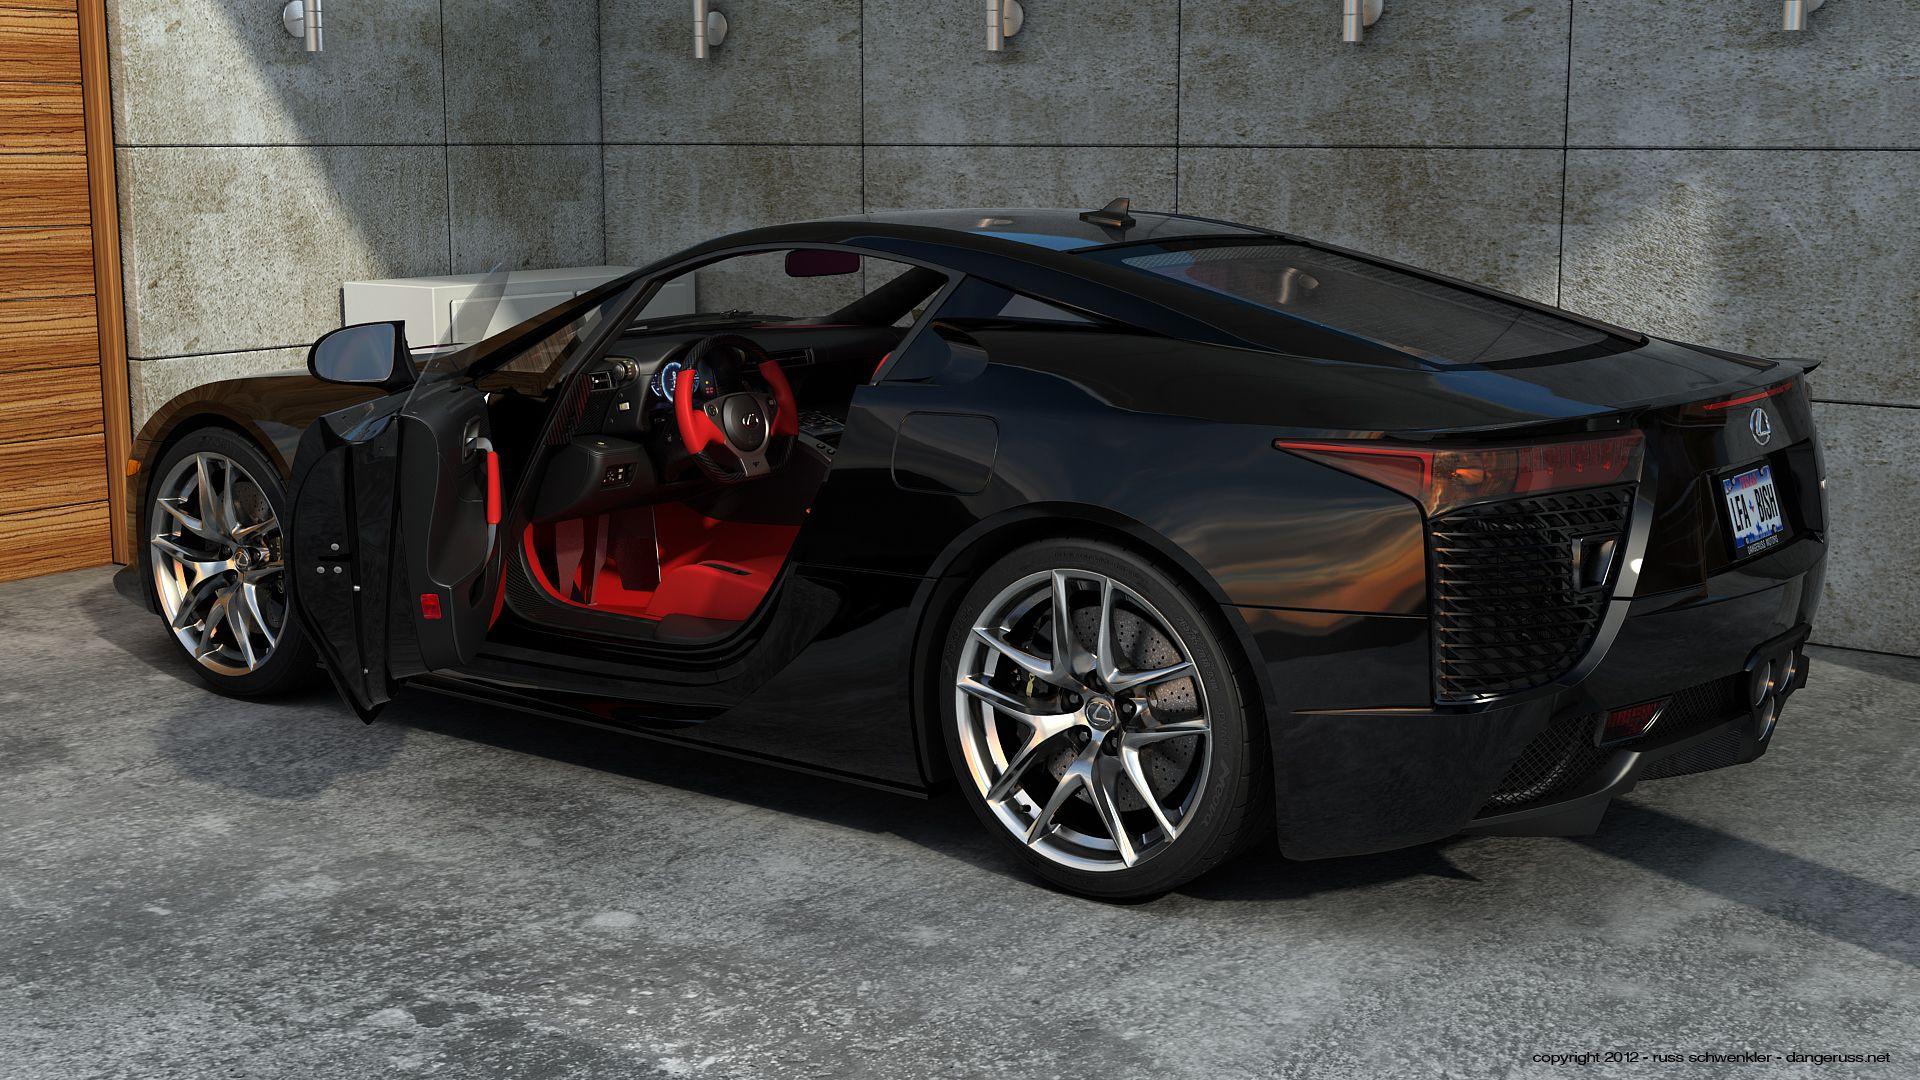 Lexus LFA By ~MixJoe On DeviantART | Vehicle   3D | Pinterest | Lexus LFA,  3ds Max And DeviantART